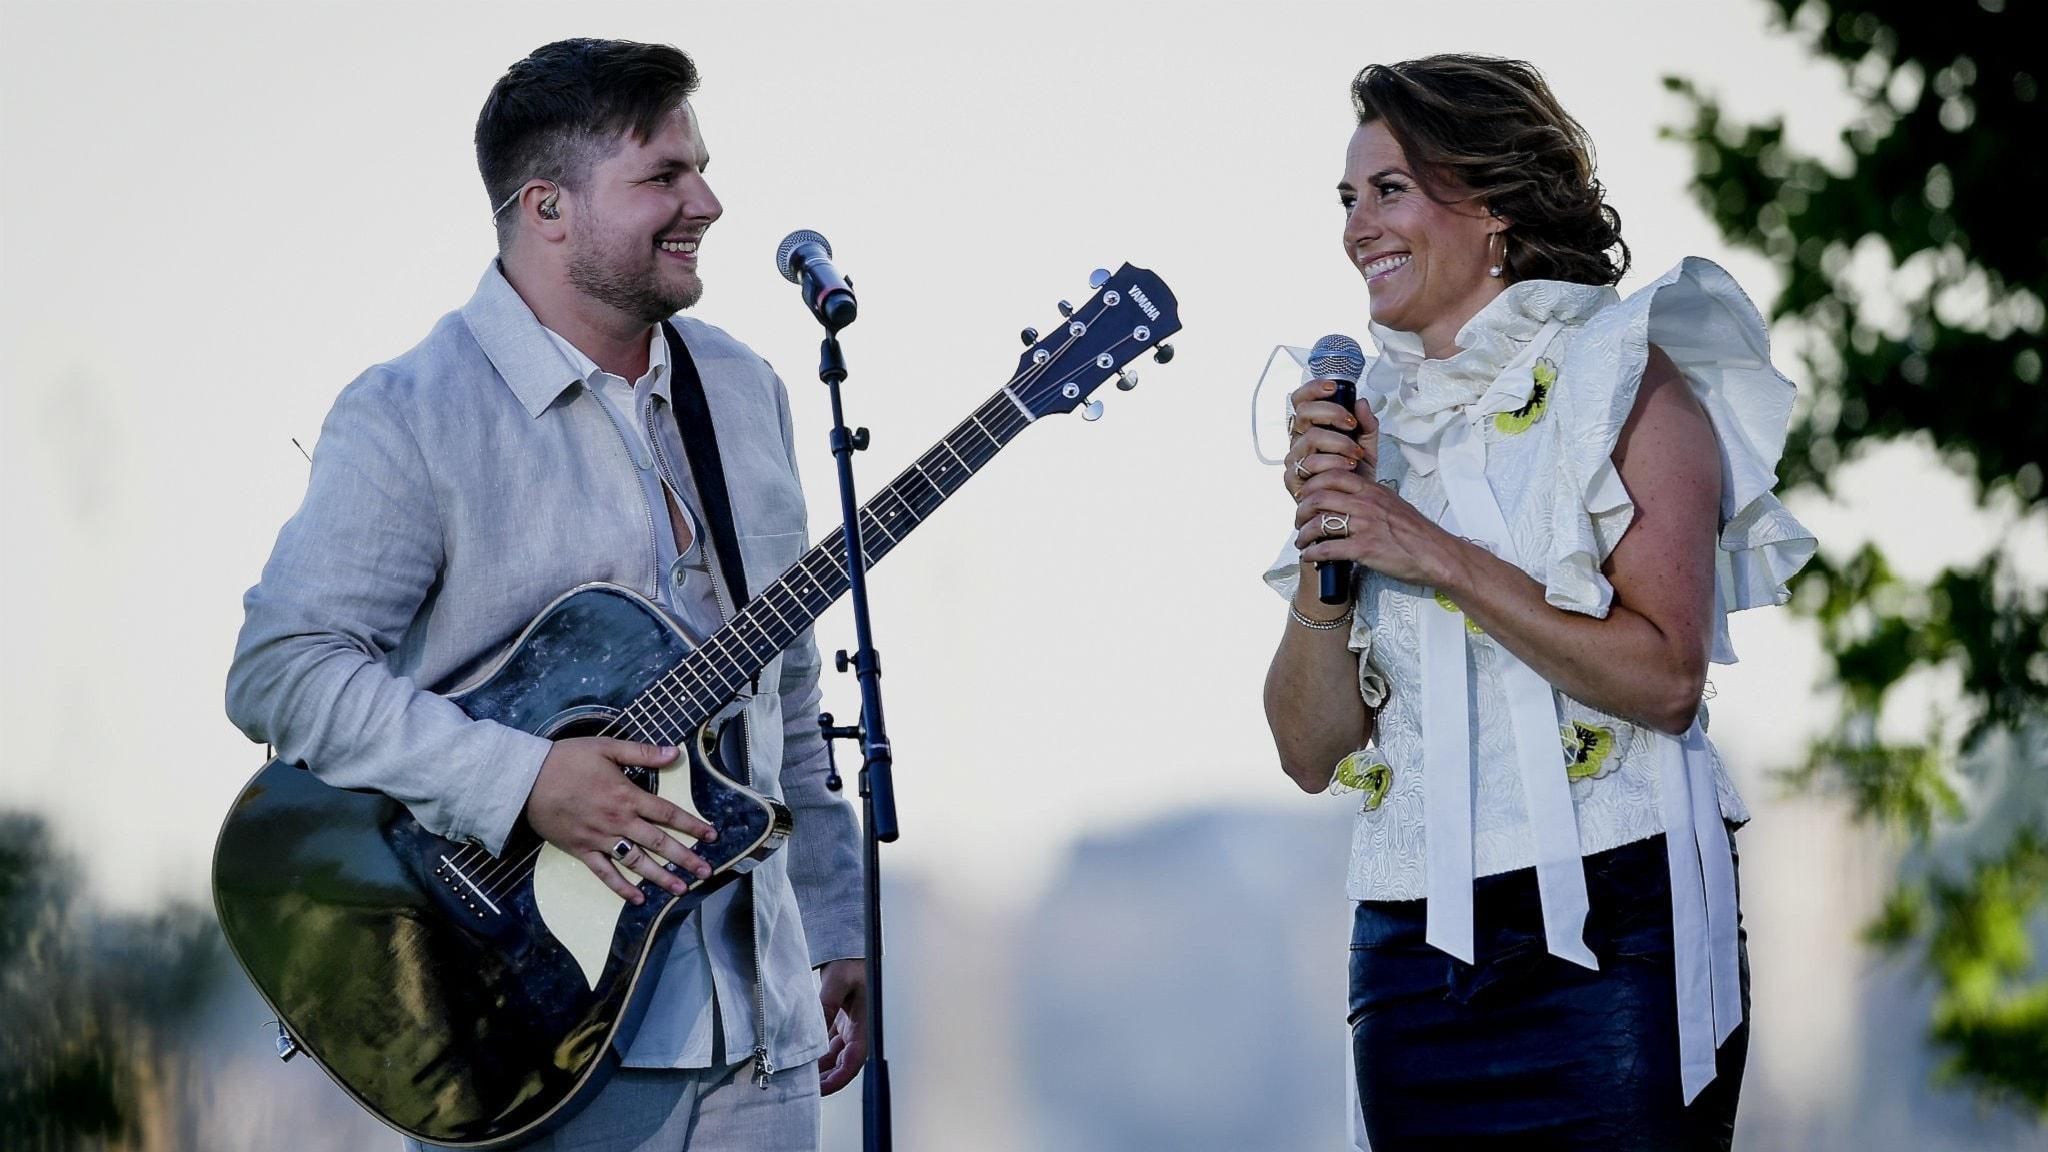 Robin står med en gitarr på scen framför en mikrofon och Jill stär jämte och håller mikrofonen med båda händerna. Båda ser jätteglada ut.